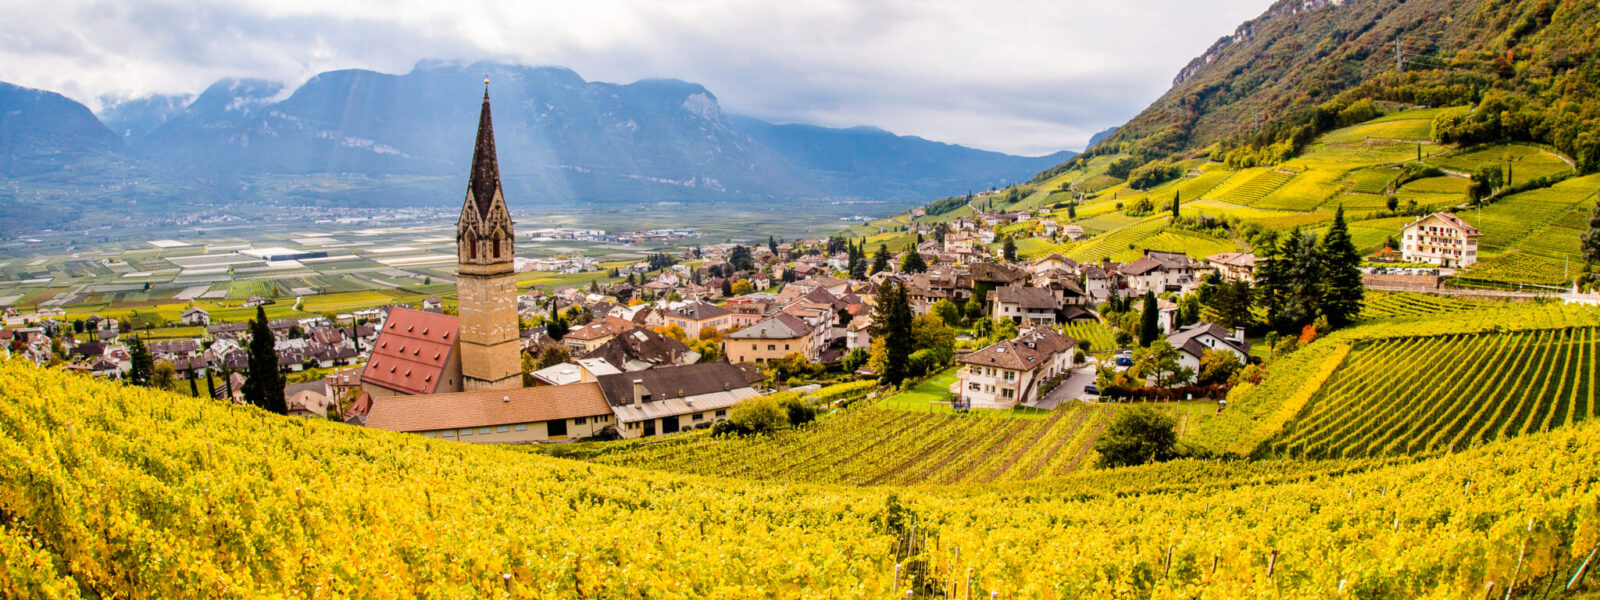 Autunno a Termeno - Alto Adige- Foto: Antie Braito